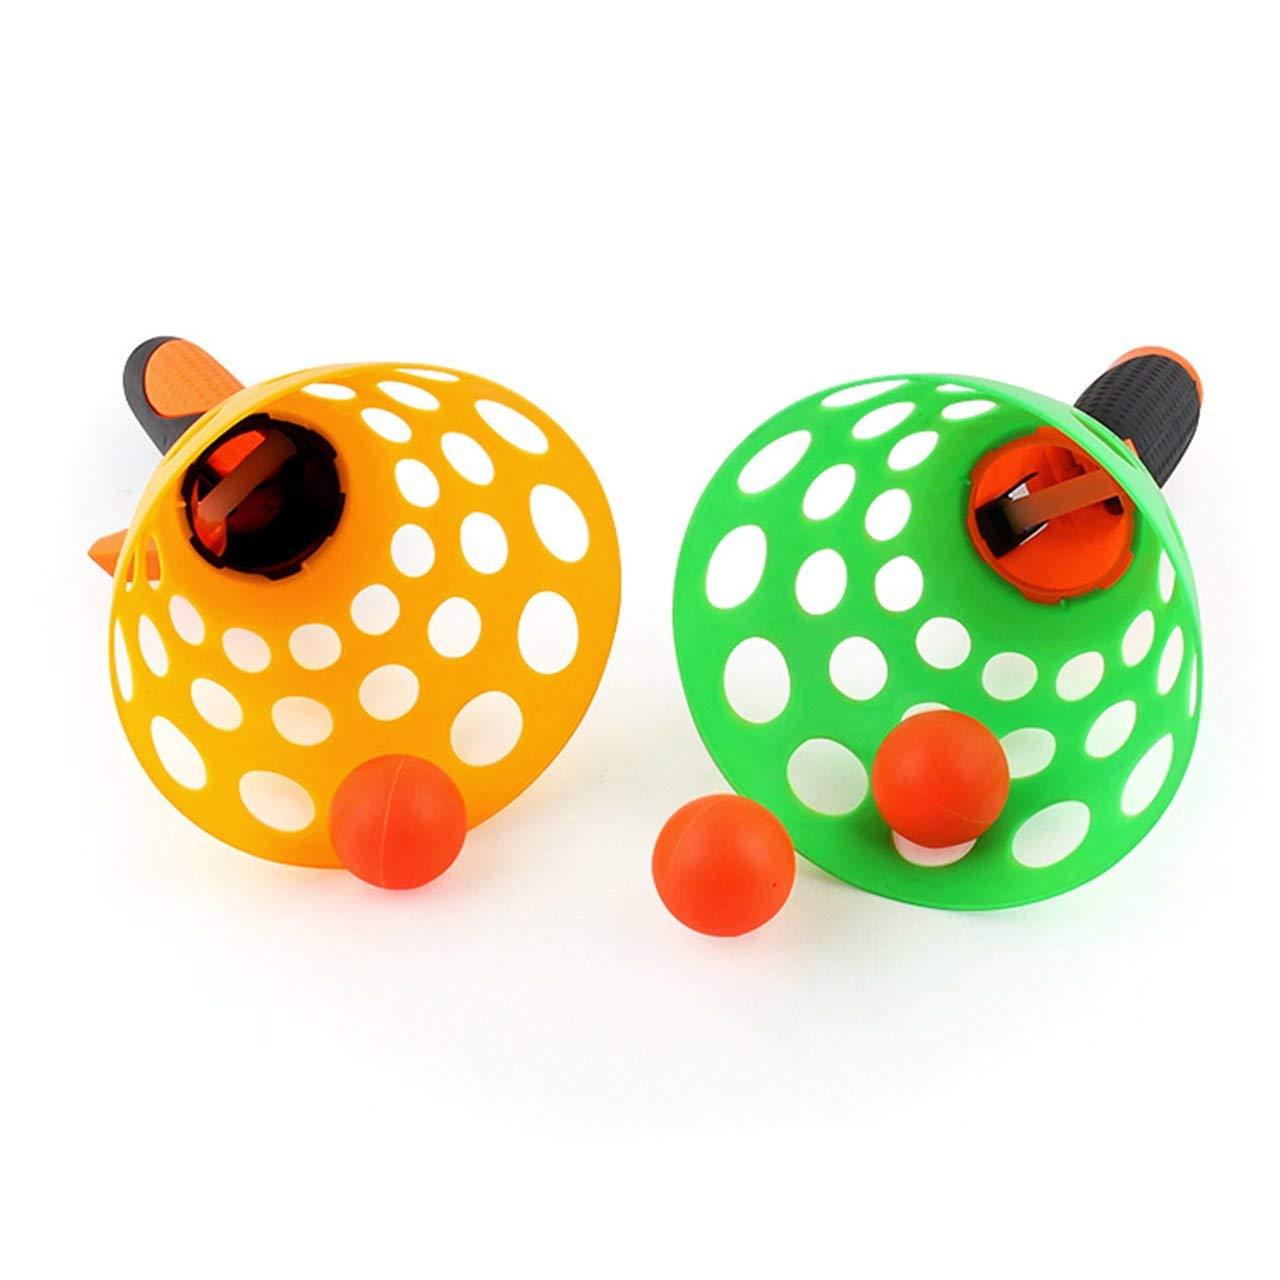 Jasnyfall 1 Set Parent-Enfant catapulte Balle de Lancement de Balle de Table Jouet Parfait pour Les Enfants en Plein air interactif balles en Caoutchouc Balle de ping-Pong Jouets Multicolore